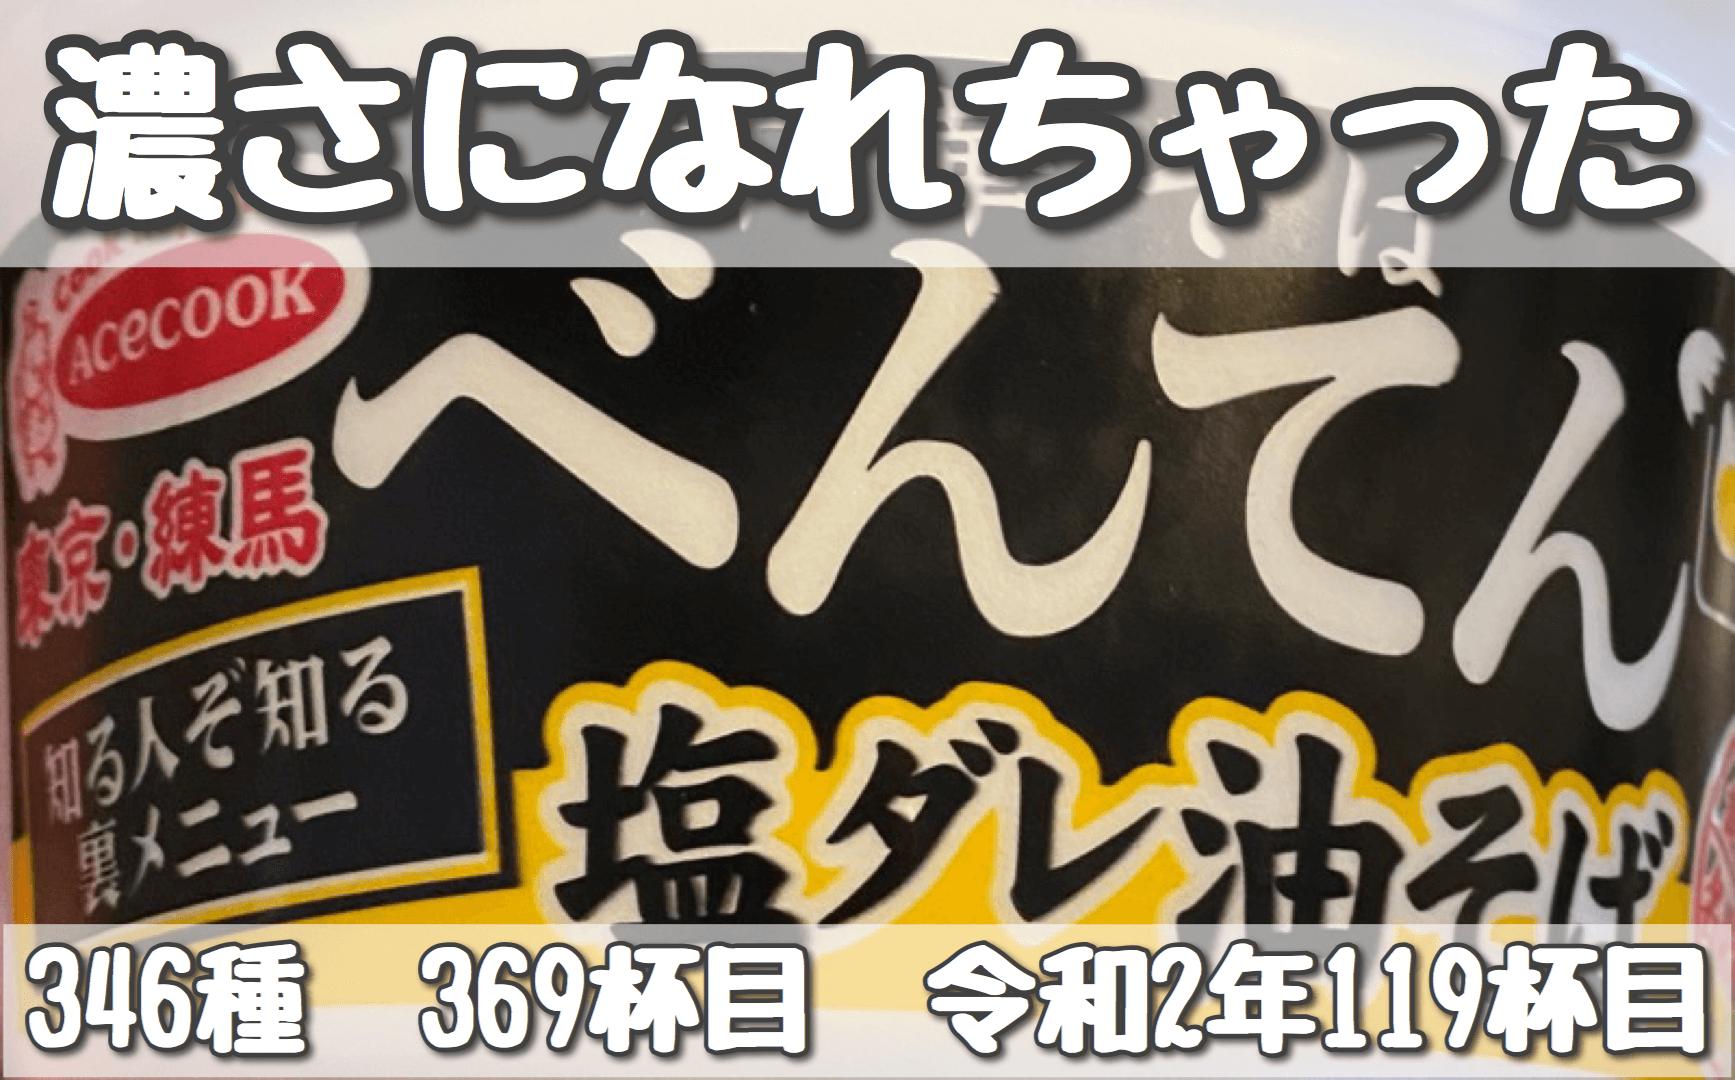 一度は食べたい名店の味「東京練馬」べんてん中華そば塩だれ油そばのアイキャッチ